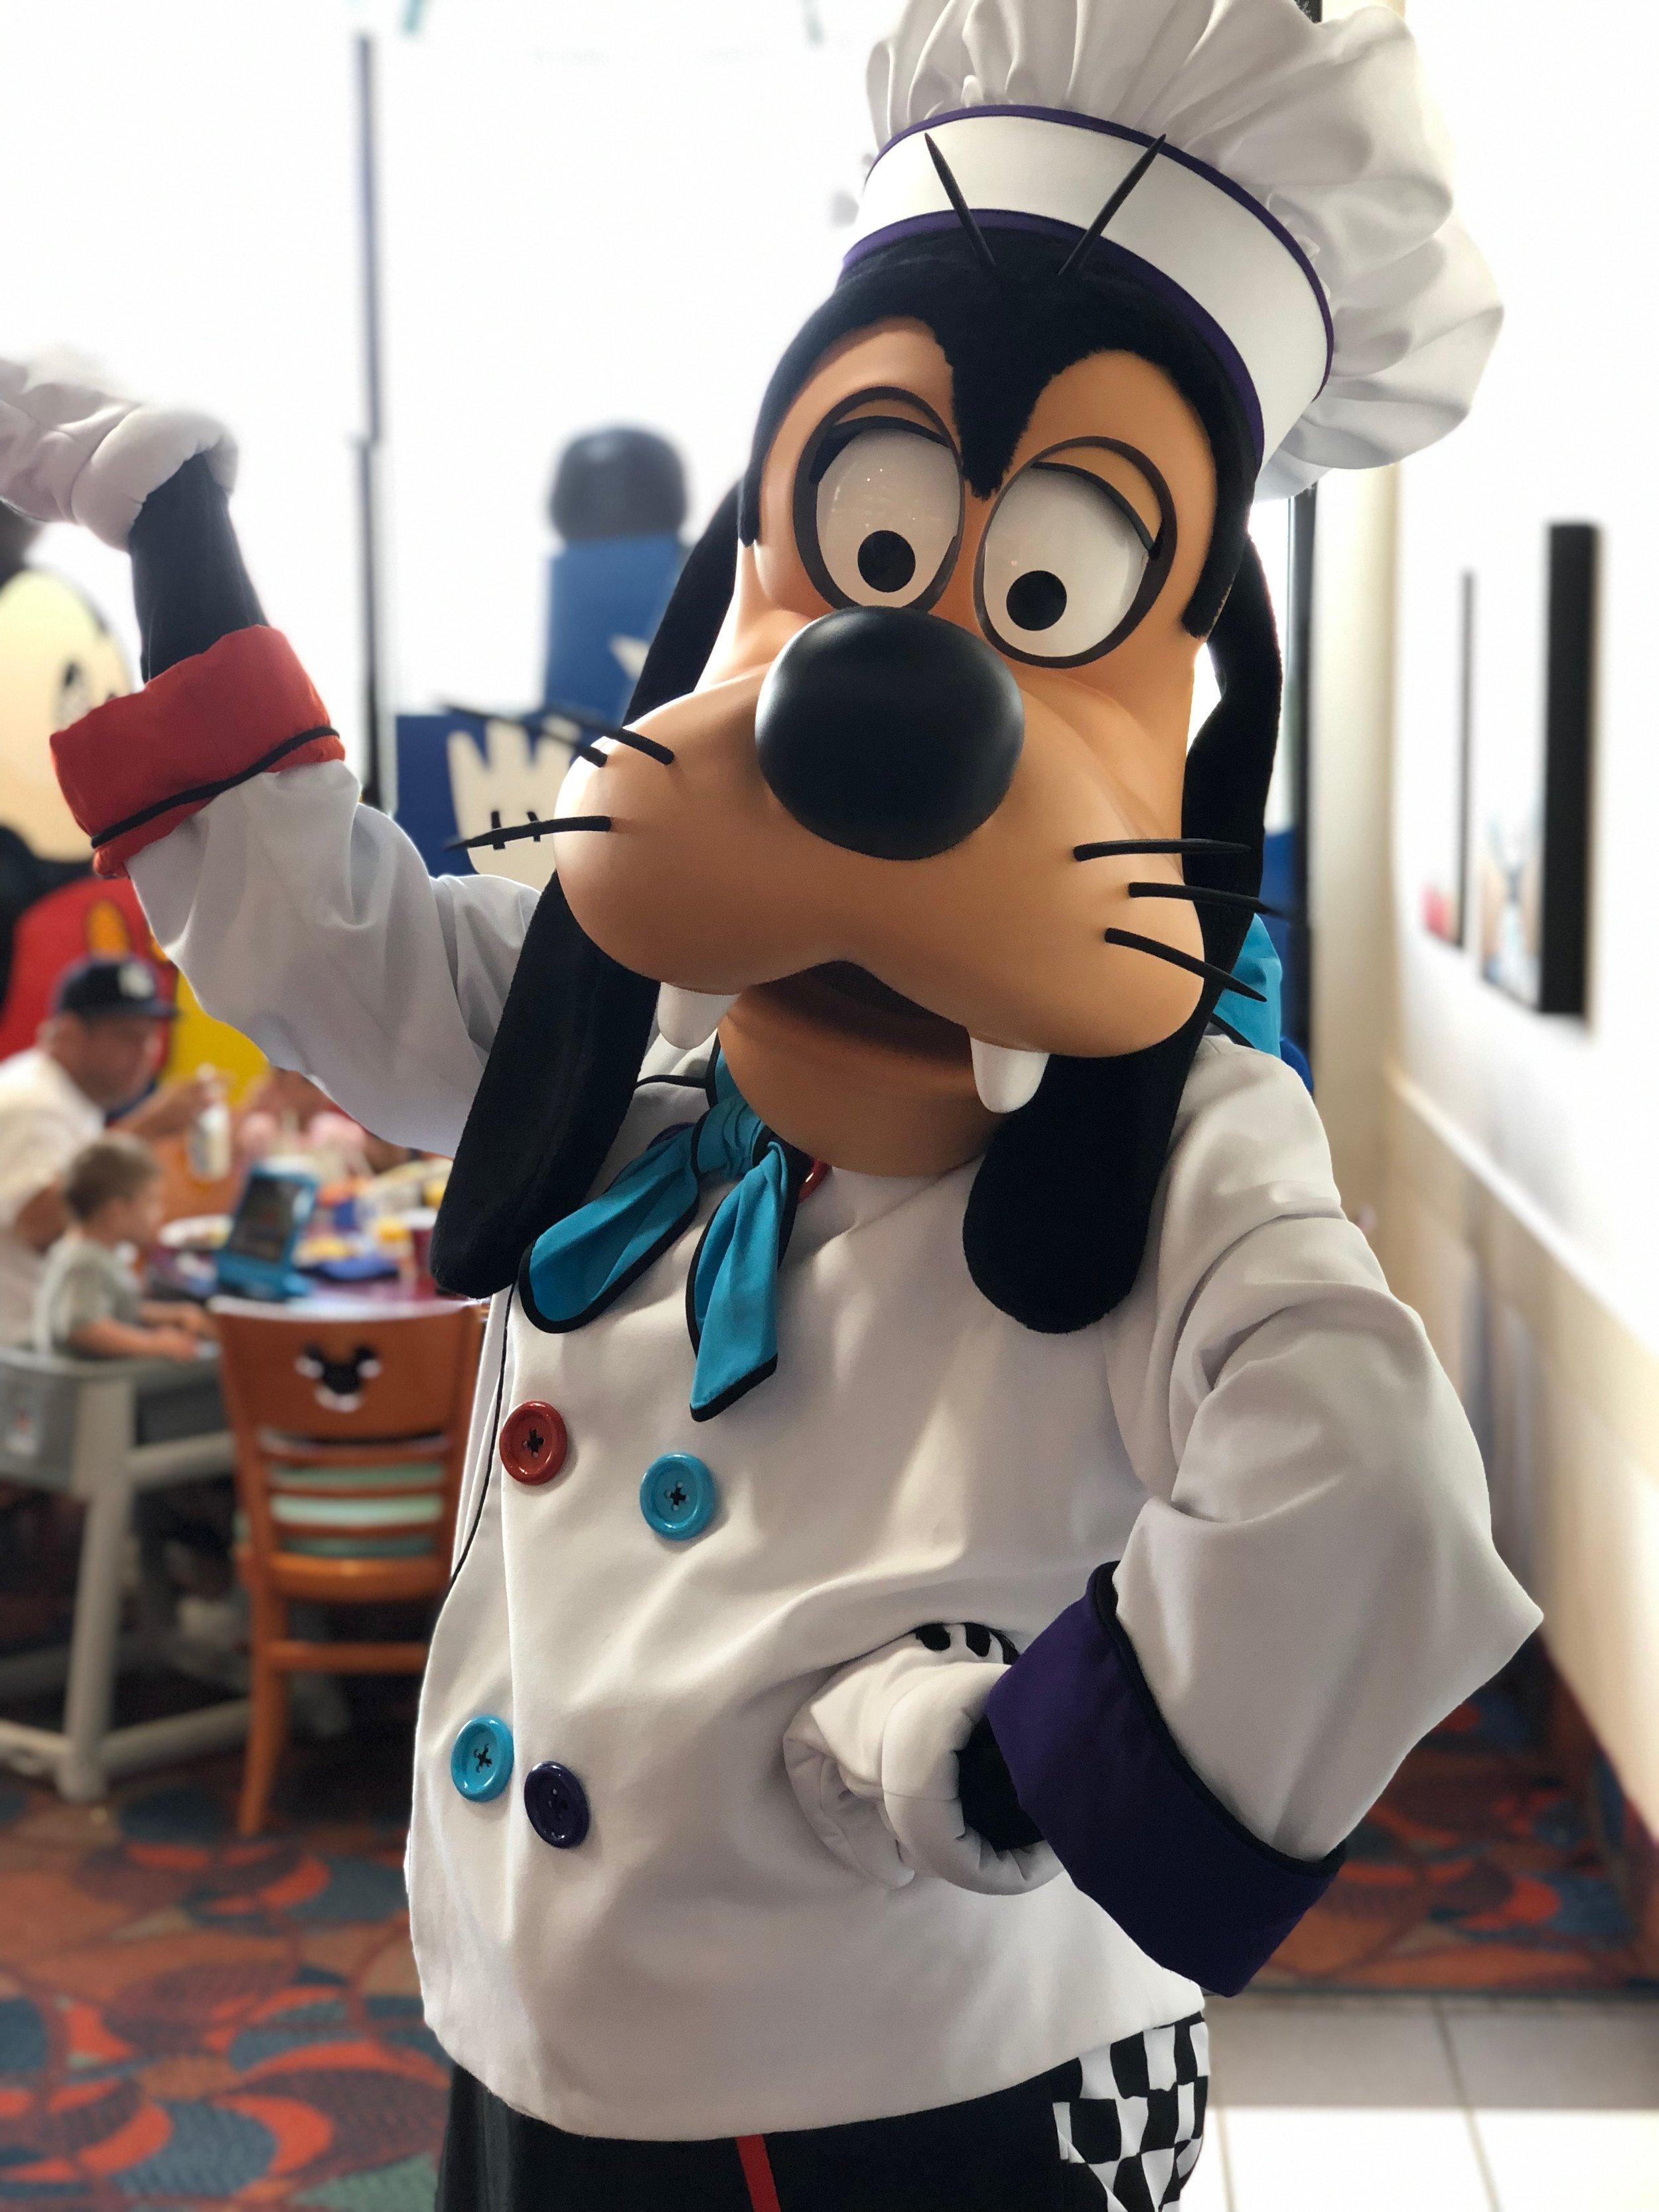 Goofy - Chef Mickey's